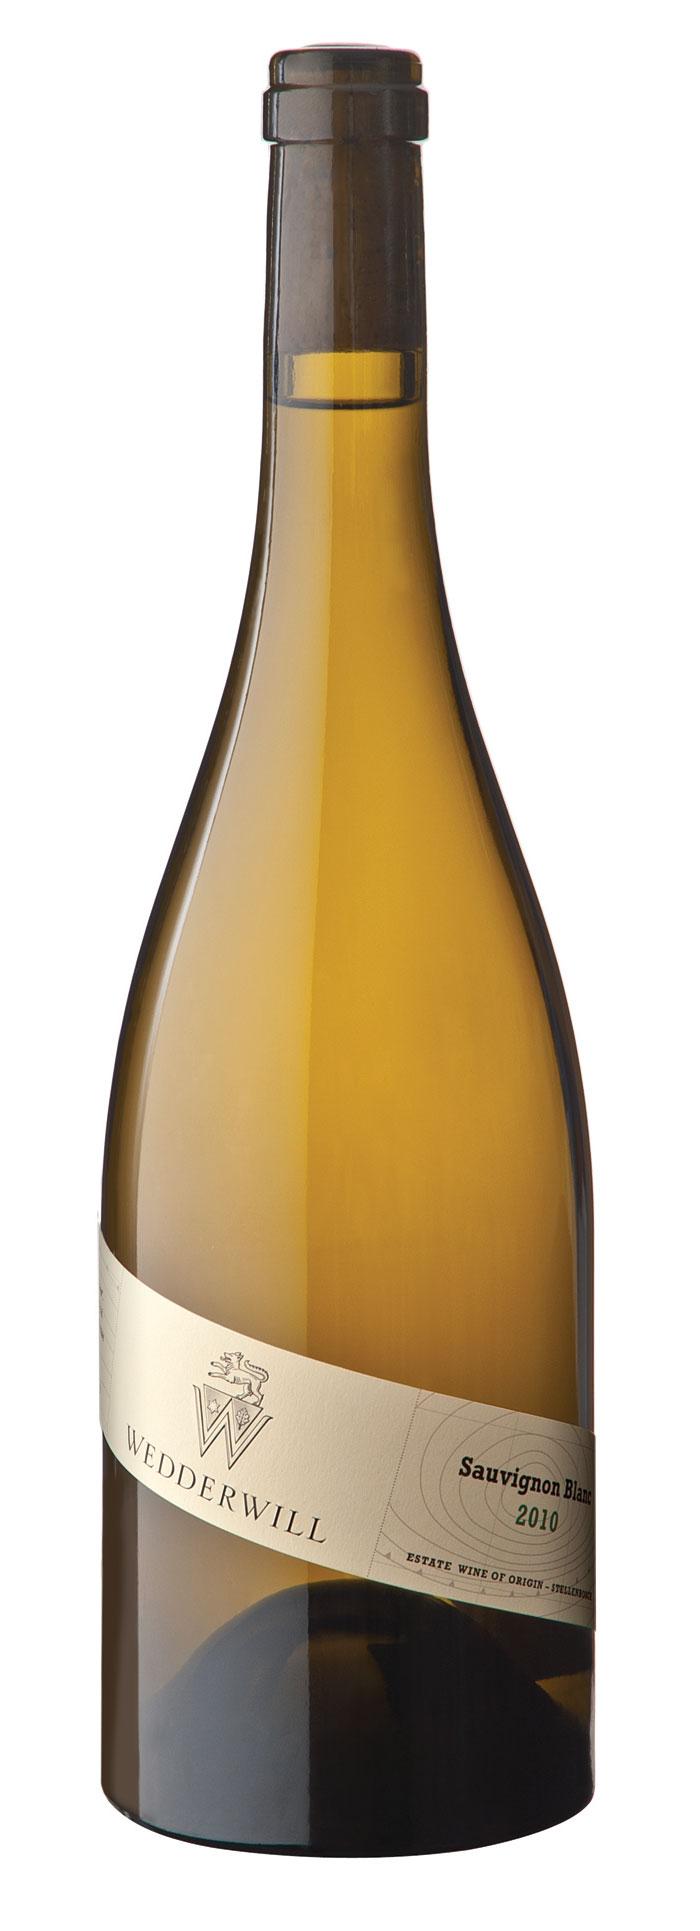 03 07 12 wine6